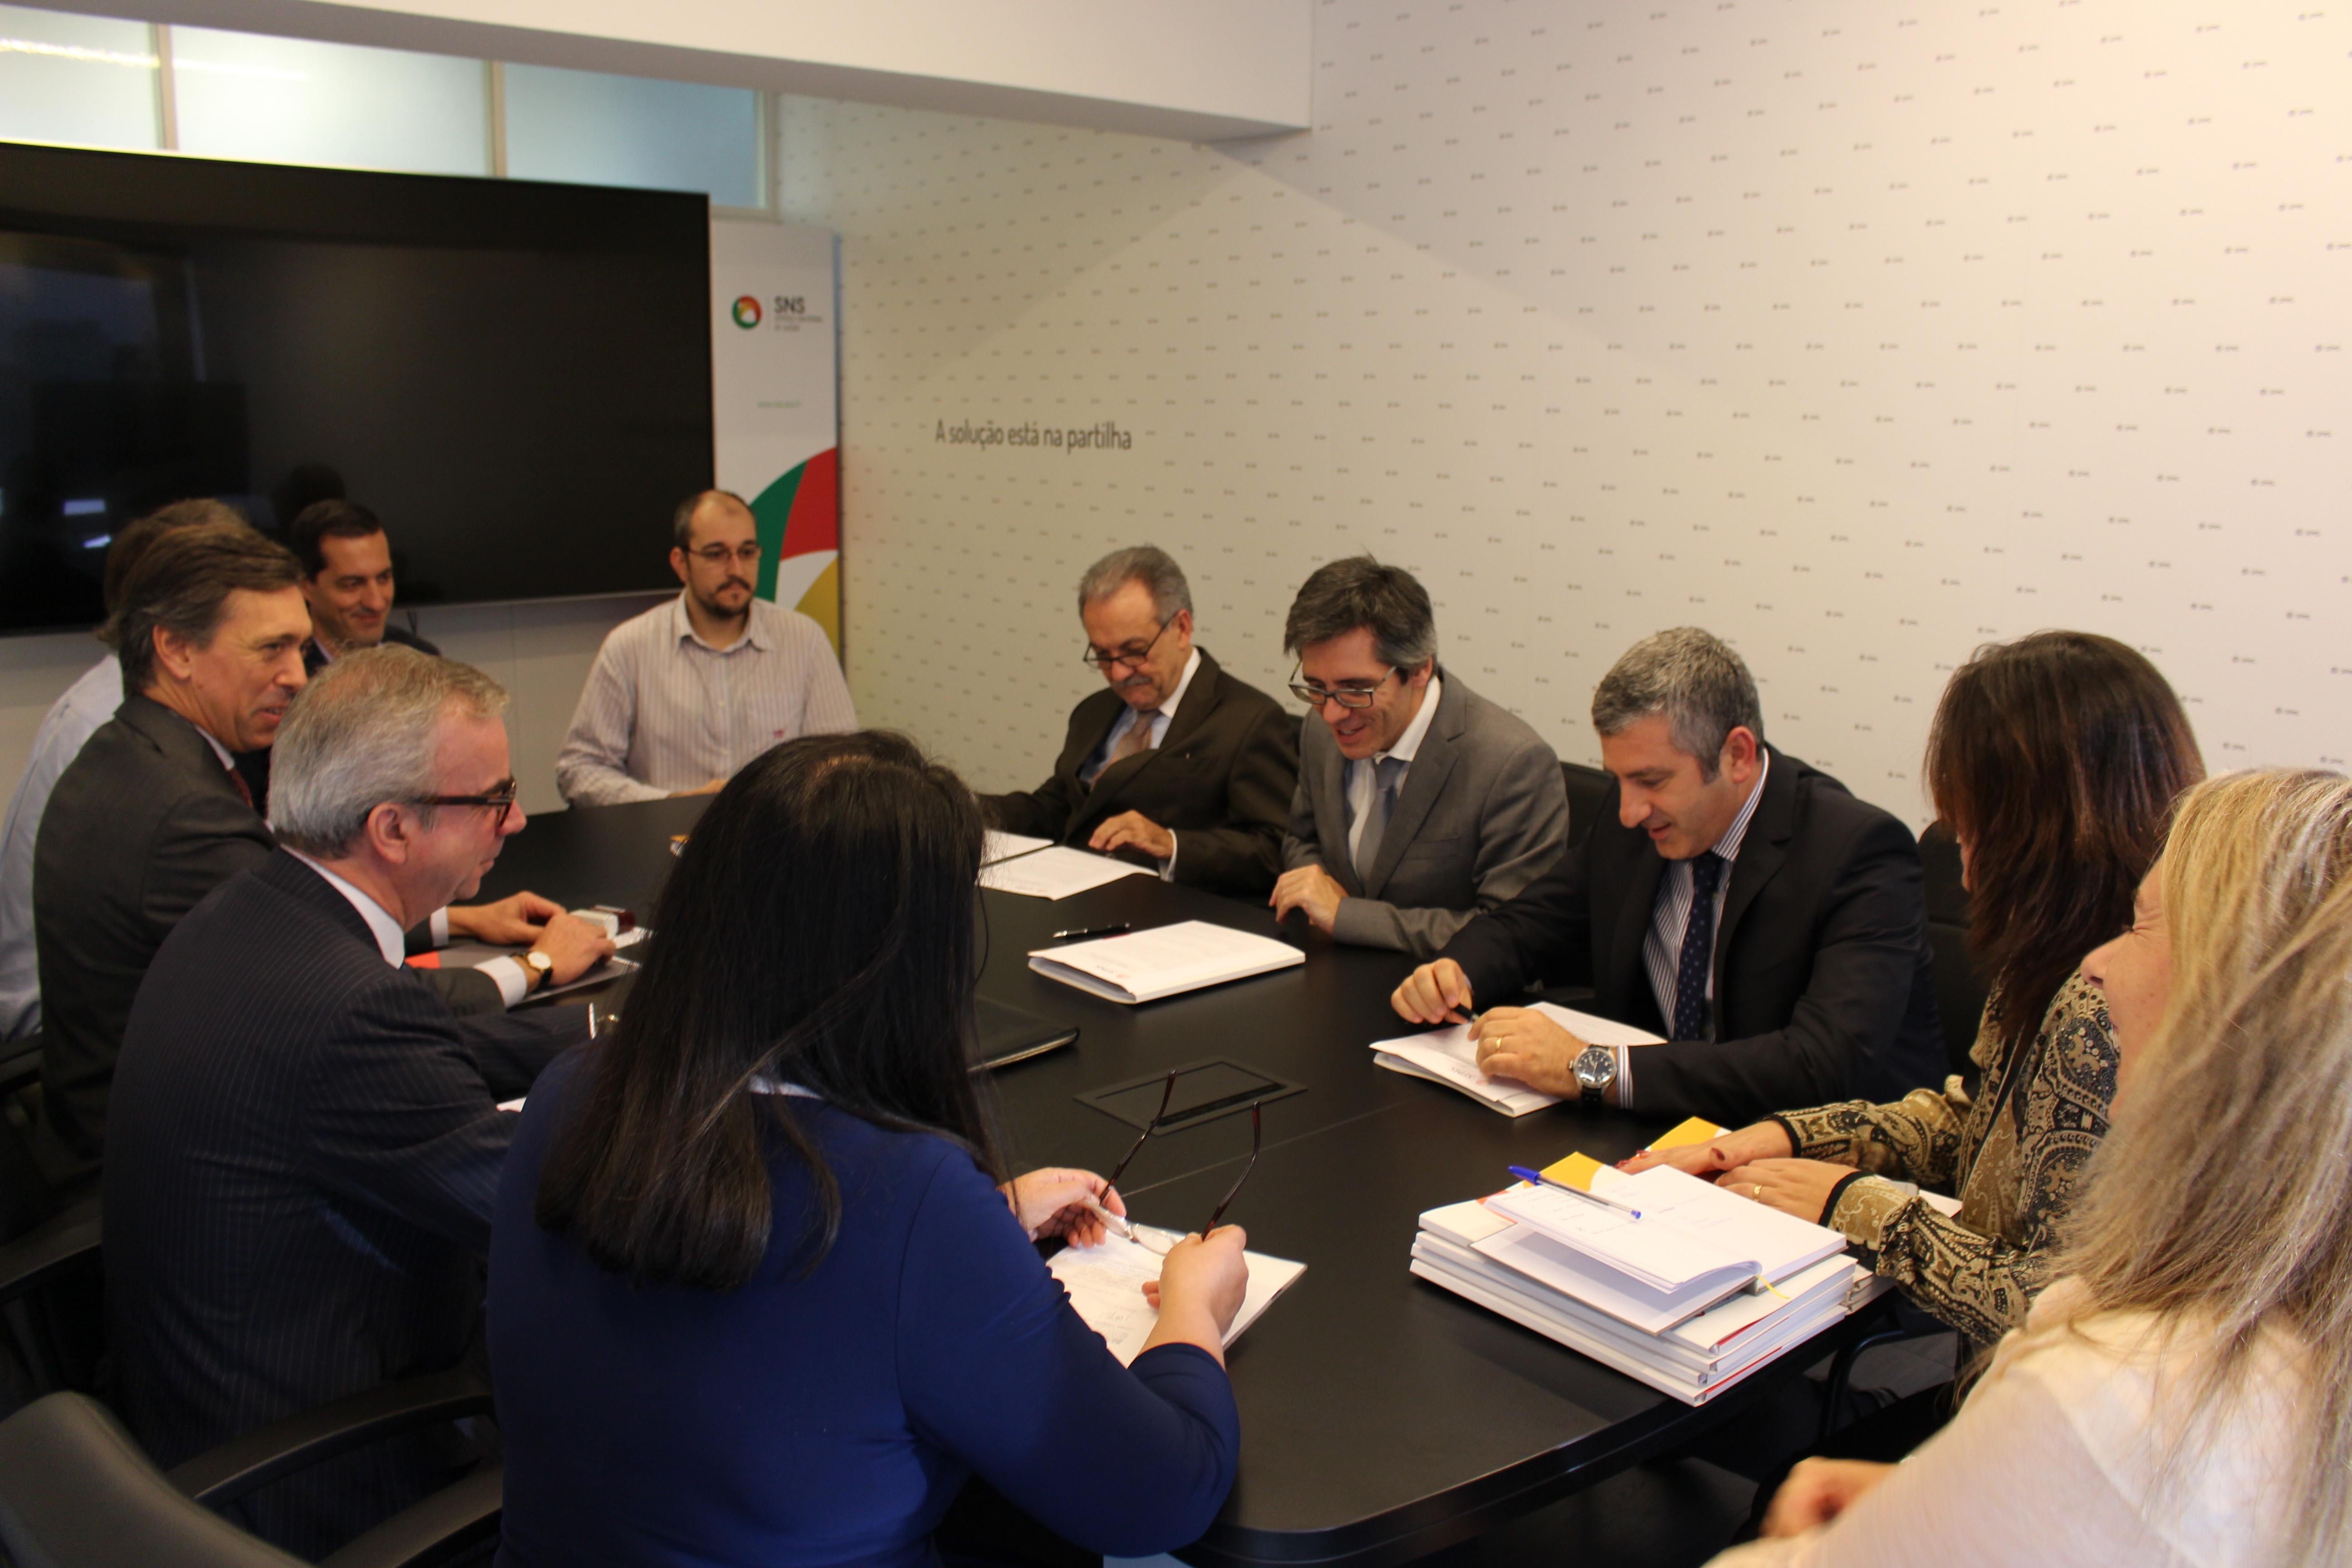 Conselho de Administração da SPMS na assinatura dos contratos do Acordo Quadro de Auditoria e Certificação de Sistemas de Informação